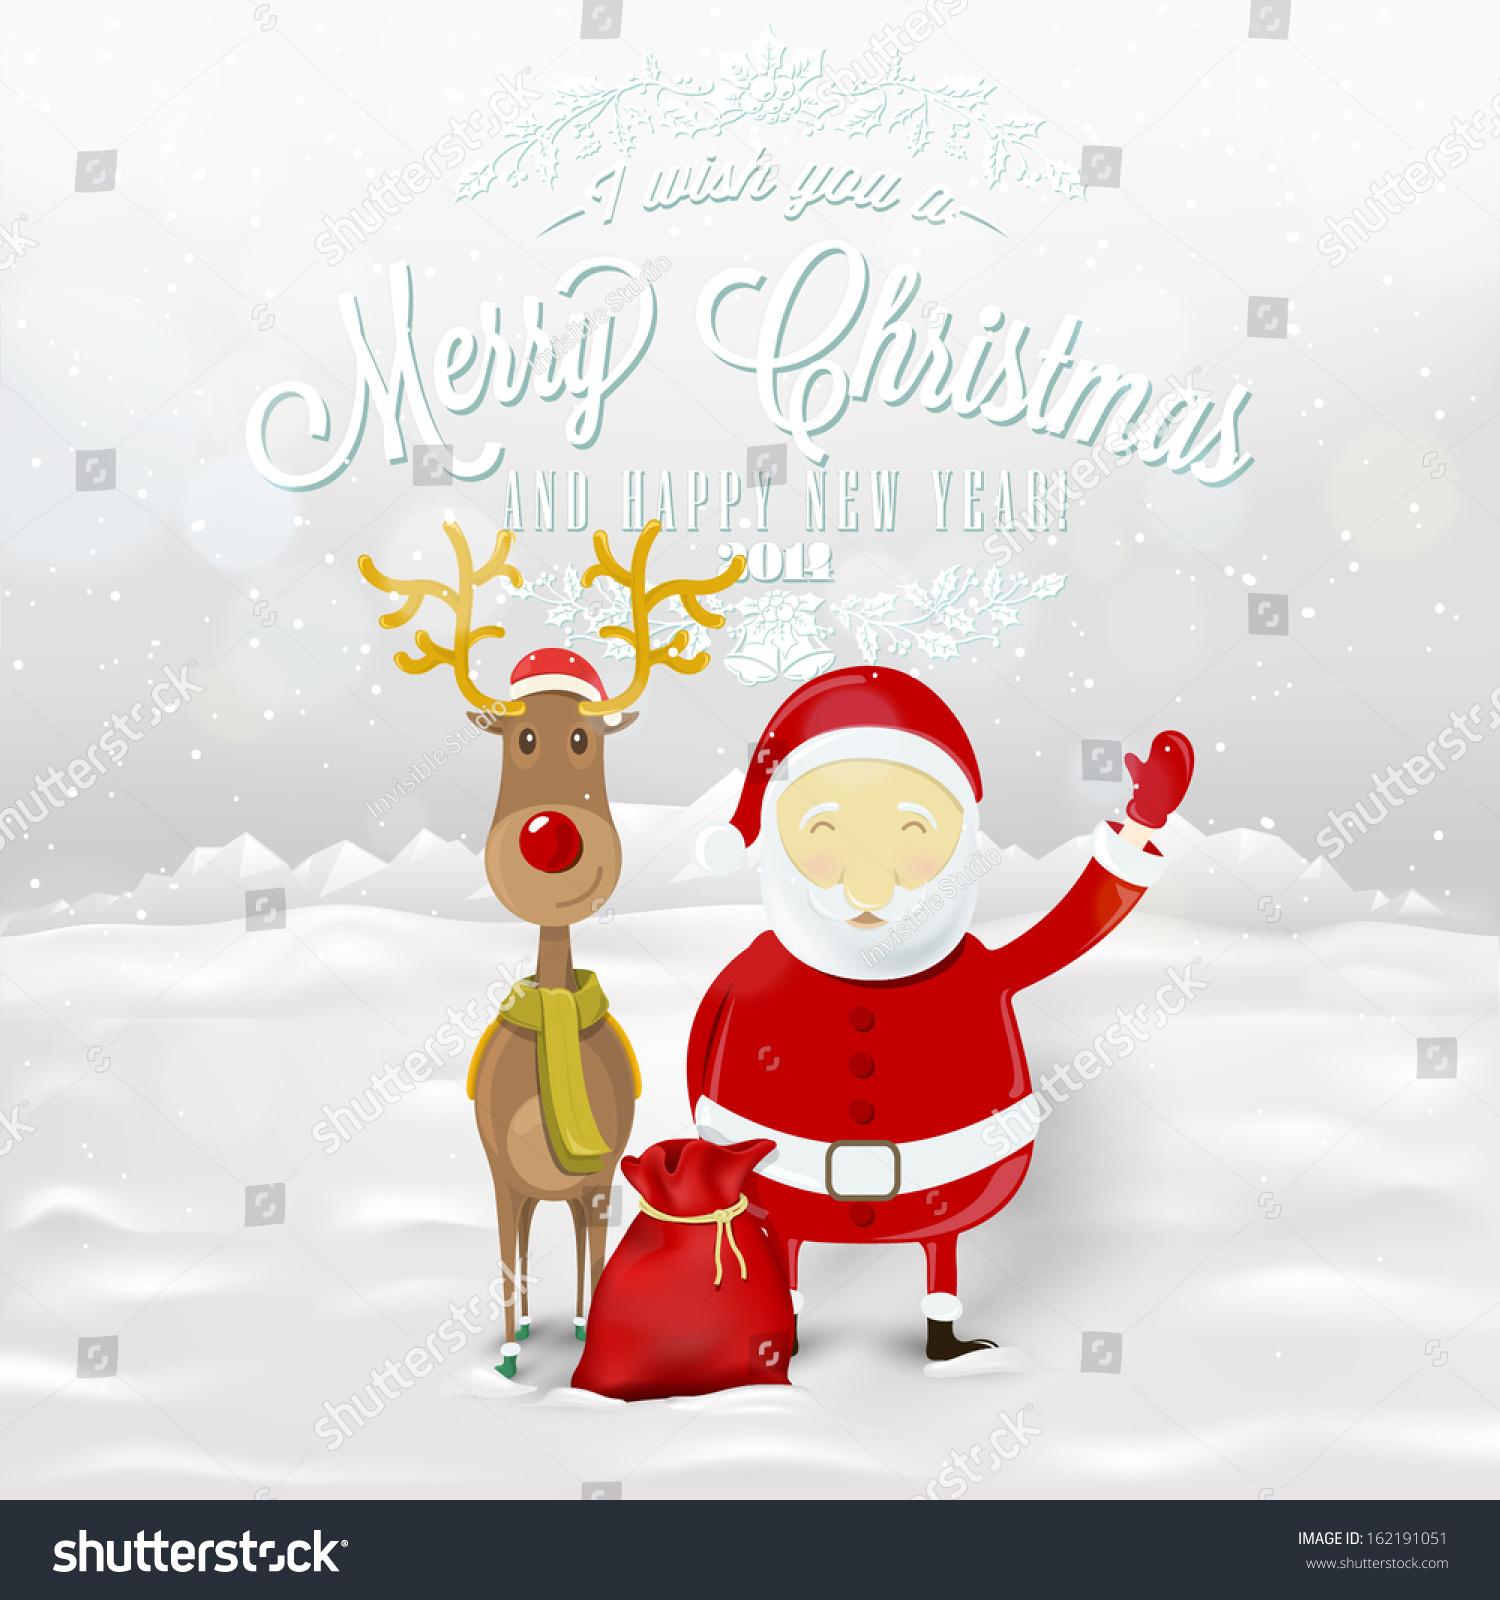 Funny Greeting Christmas Card Santa Claus Stock Vector (Royalty Free ...